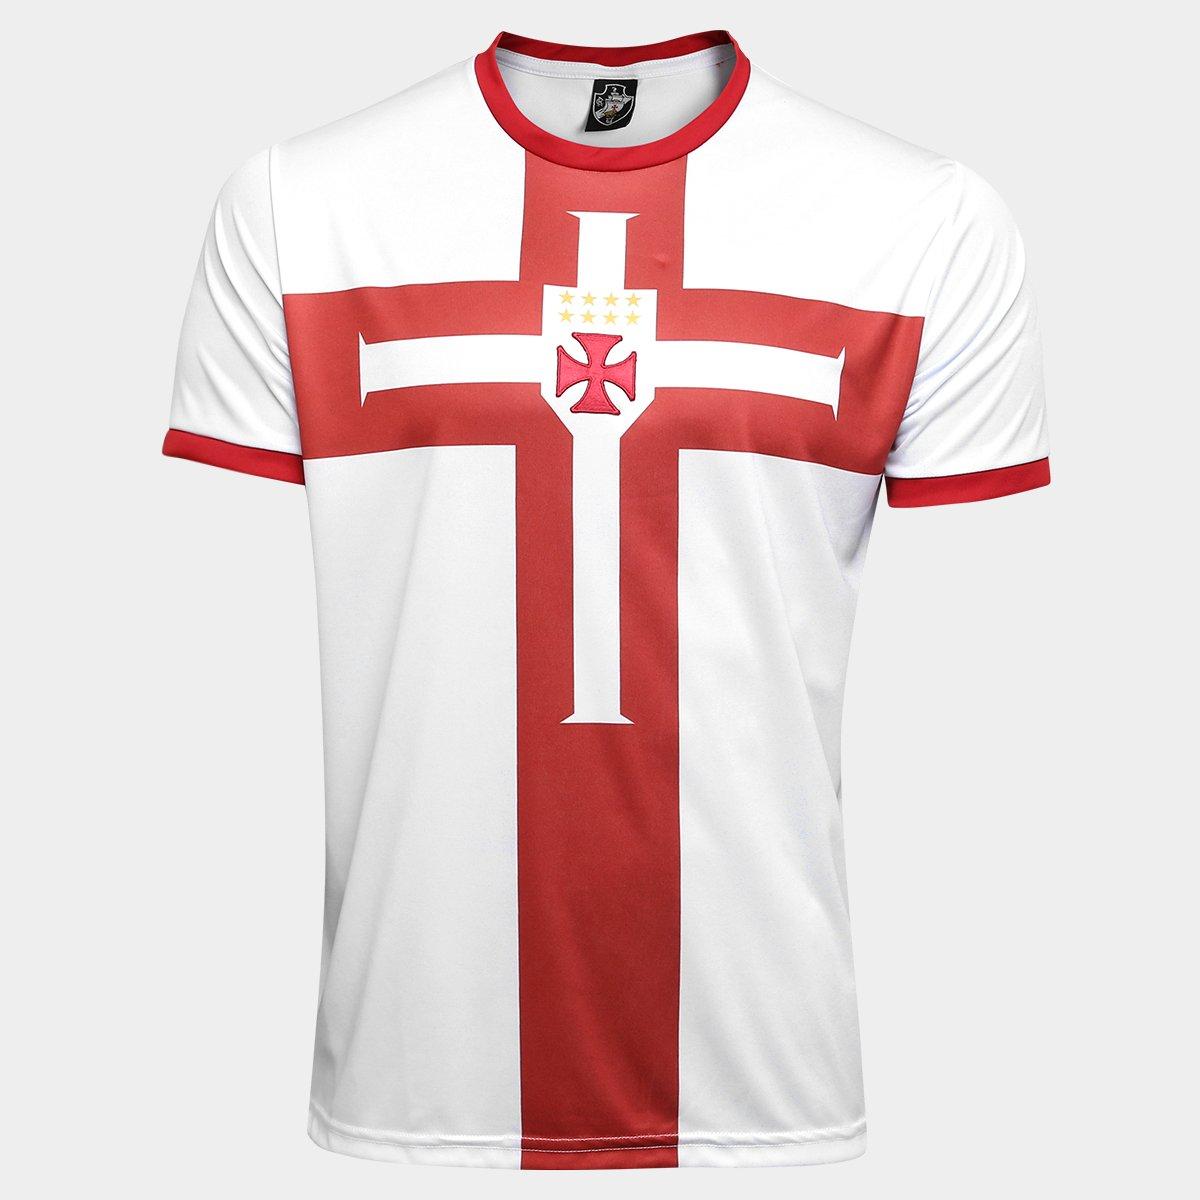 94fc6caa9ce4a Camisa Vasco Templária Ed. Limitada Masculina - Branco e Vermelho - Compre  Agora